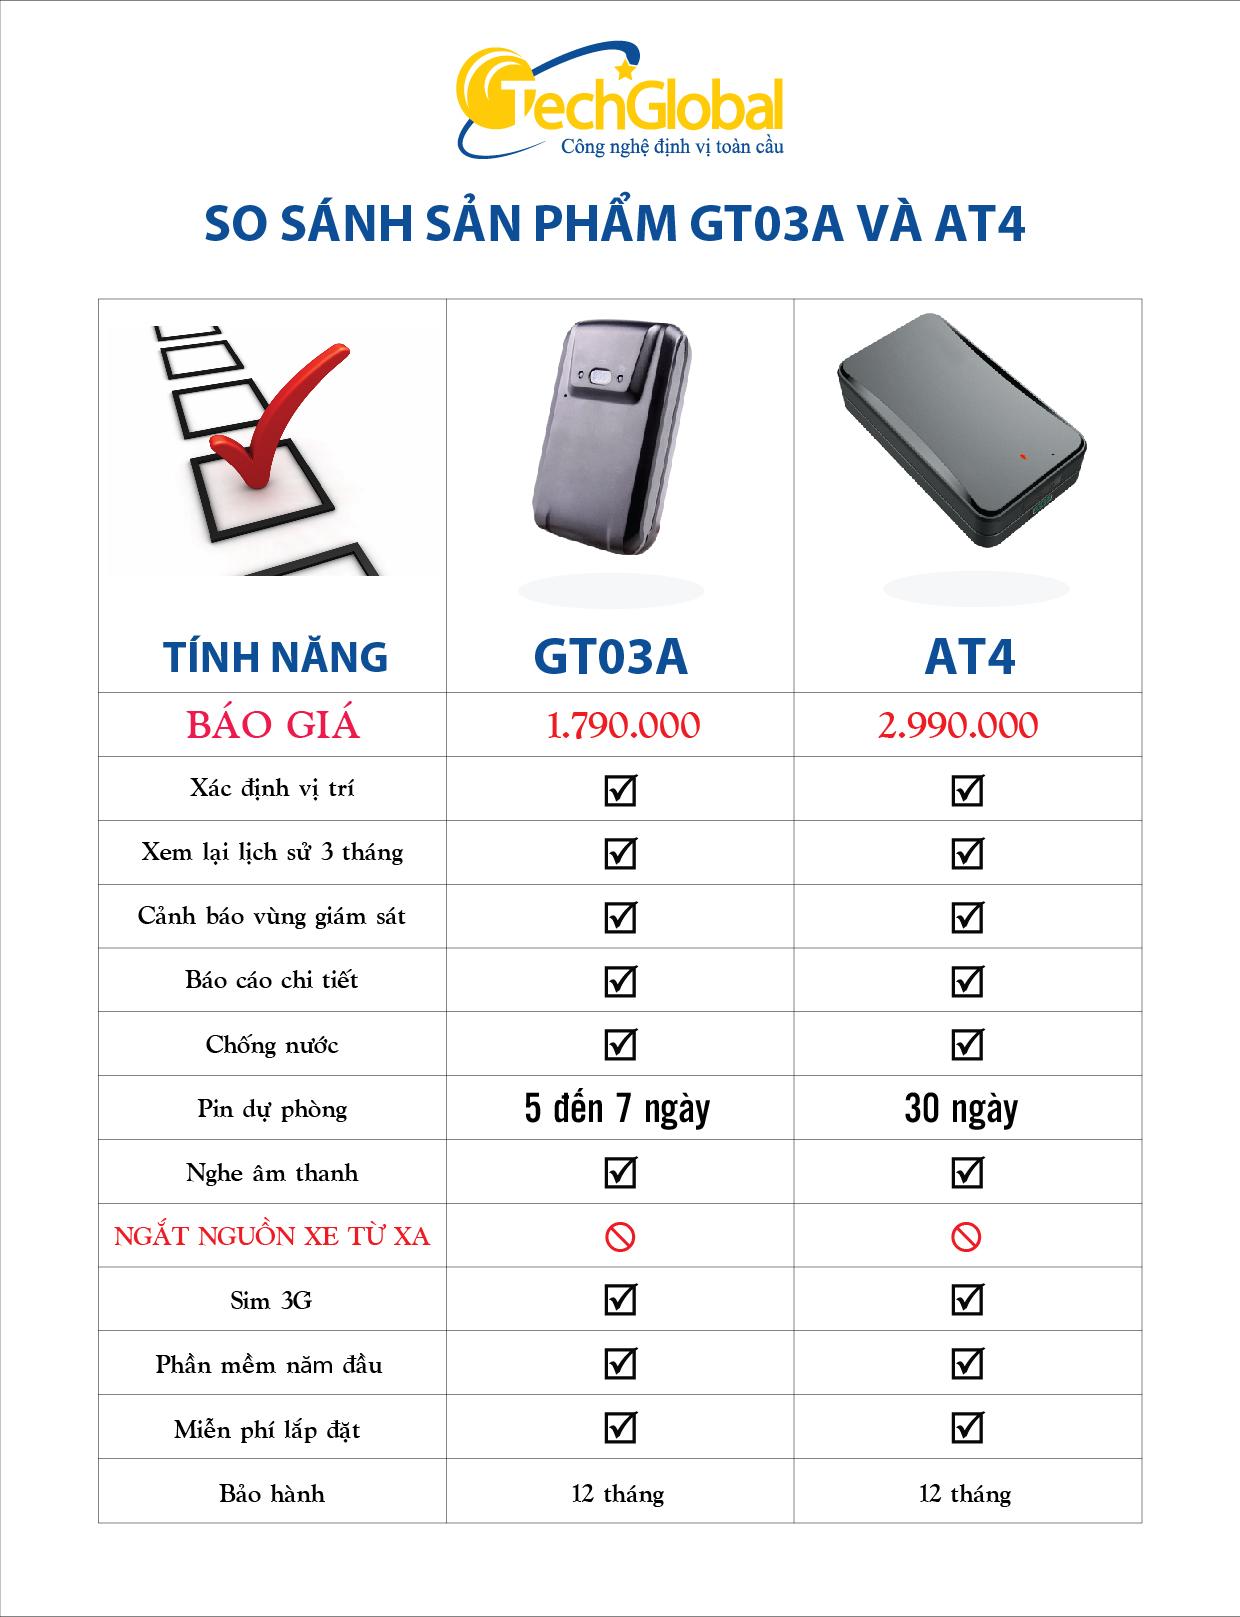 So sánh thiết bị định vị GT03A và thiết bị định vị AT4